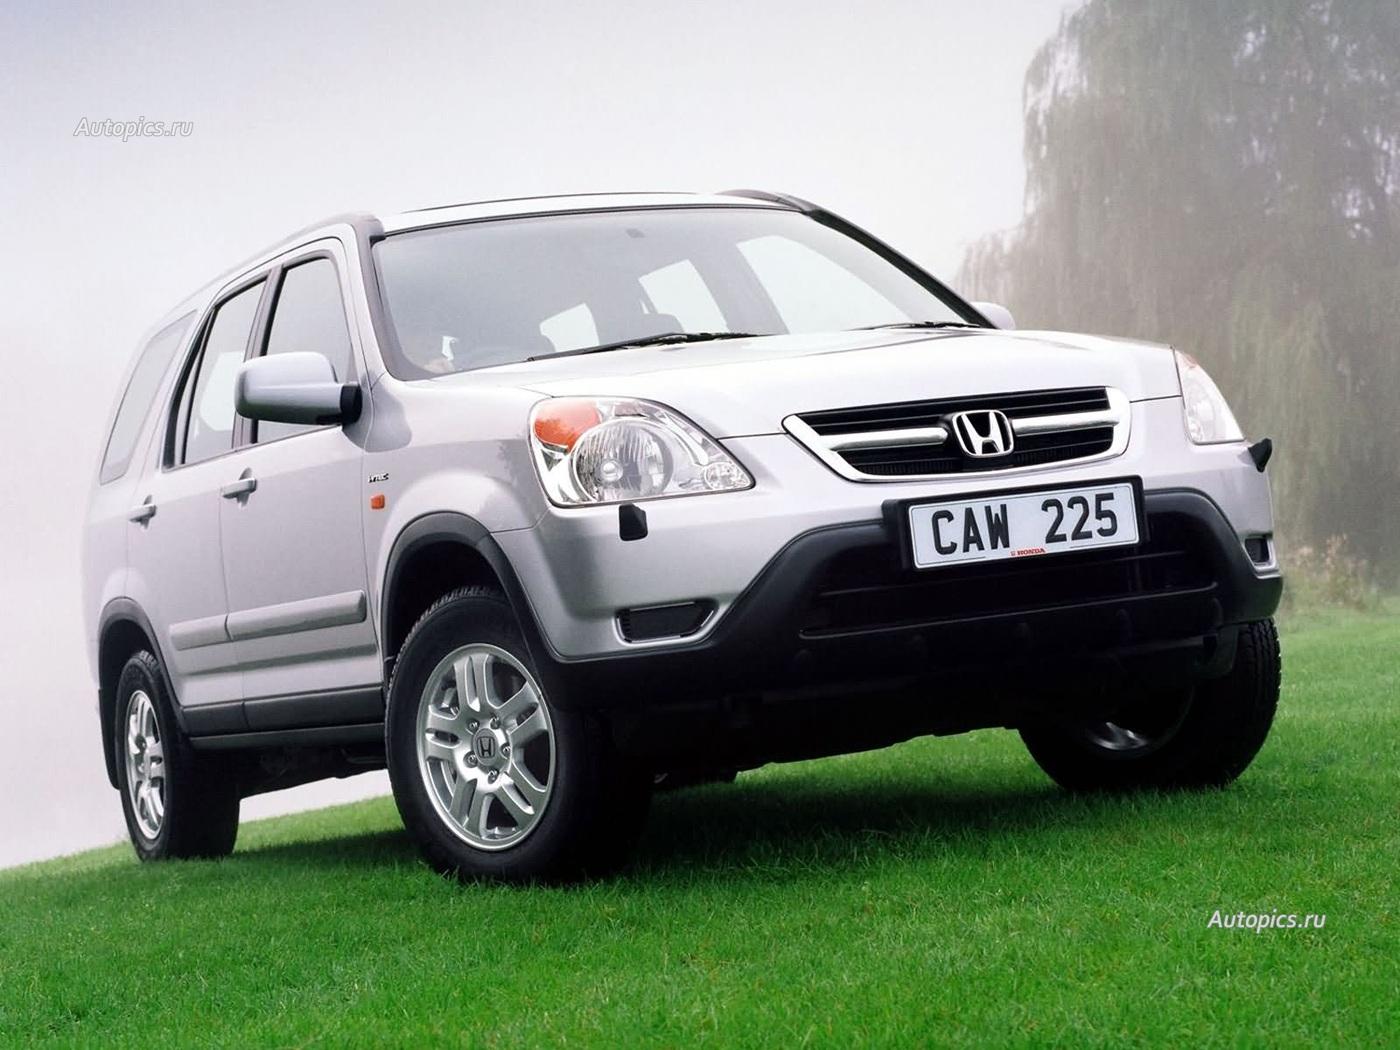 Honda what is the length of a honda crv : Honda CR-V RD4;RD5 - specifications, description, photos.